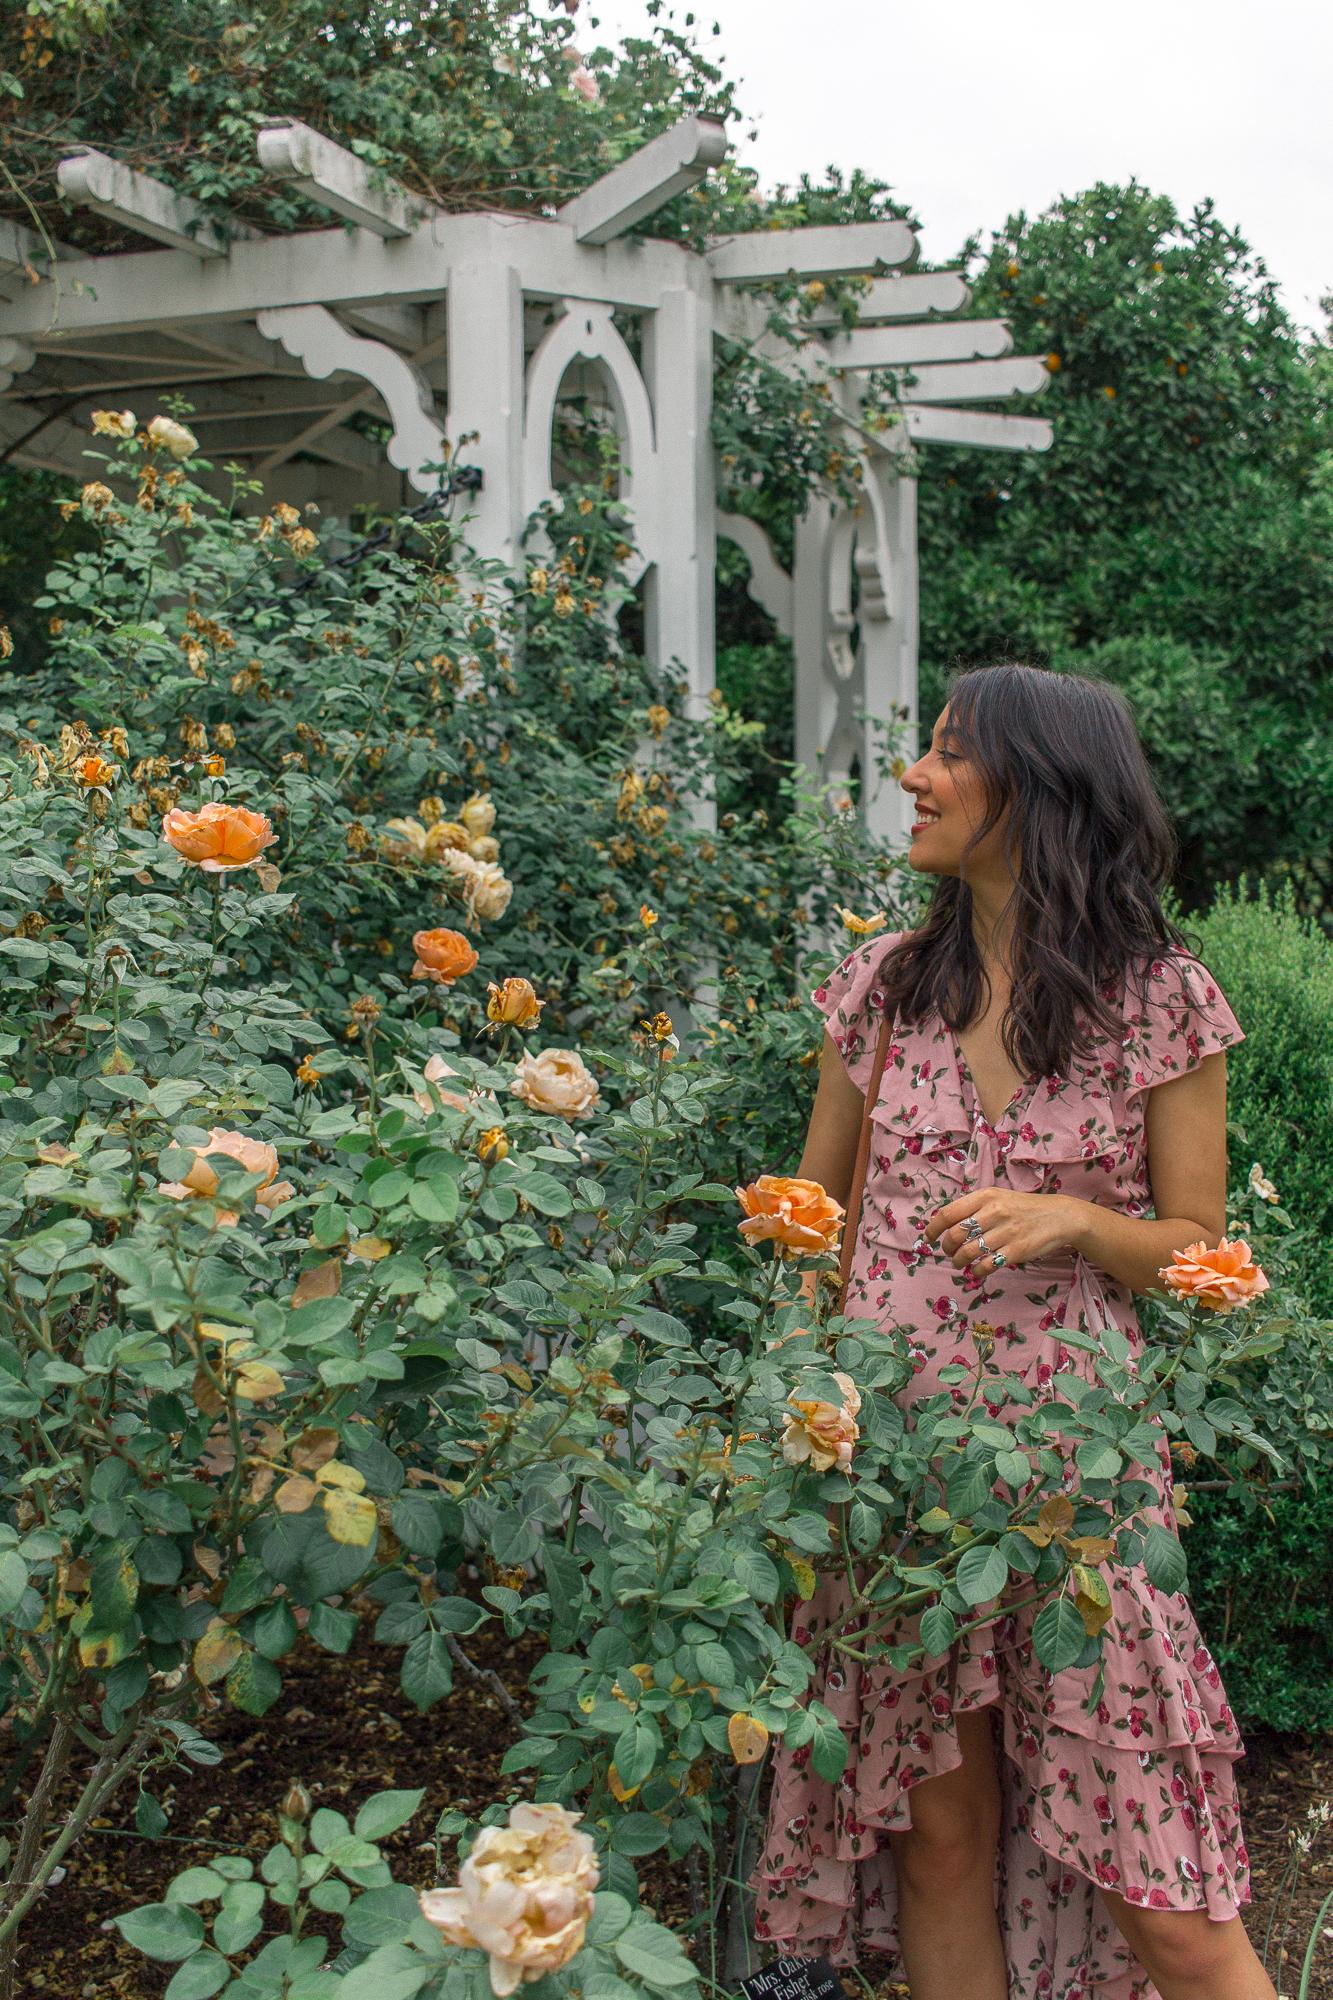 la arboretum rose garden 20